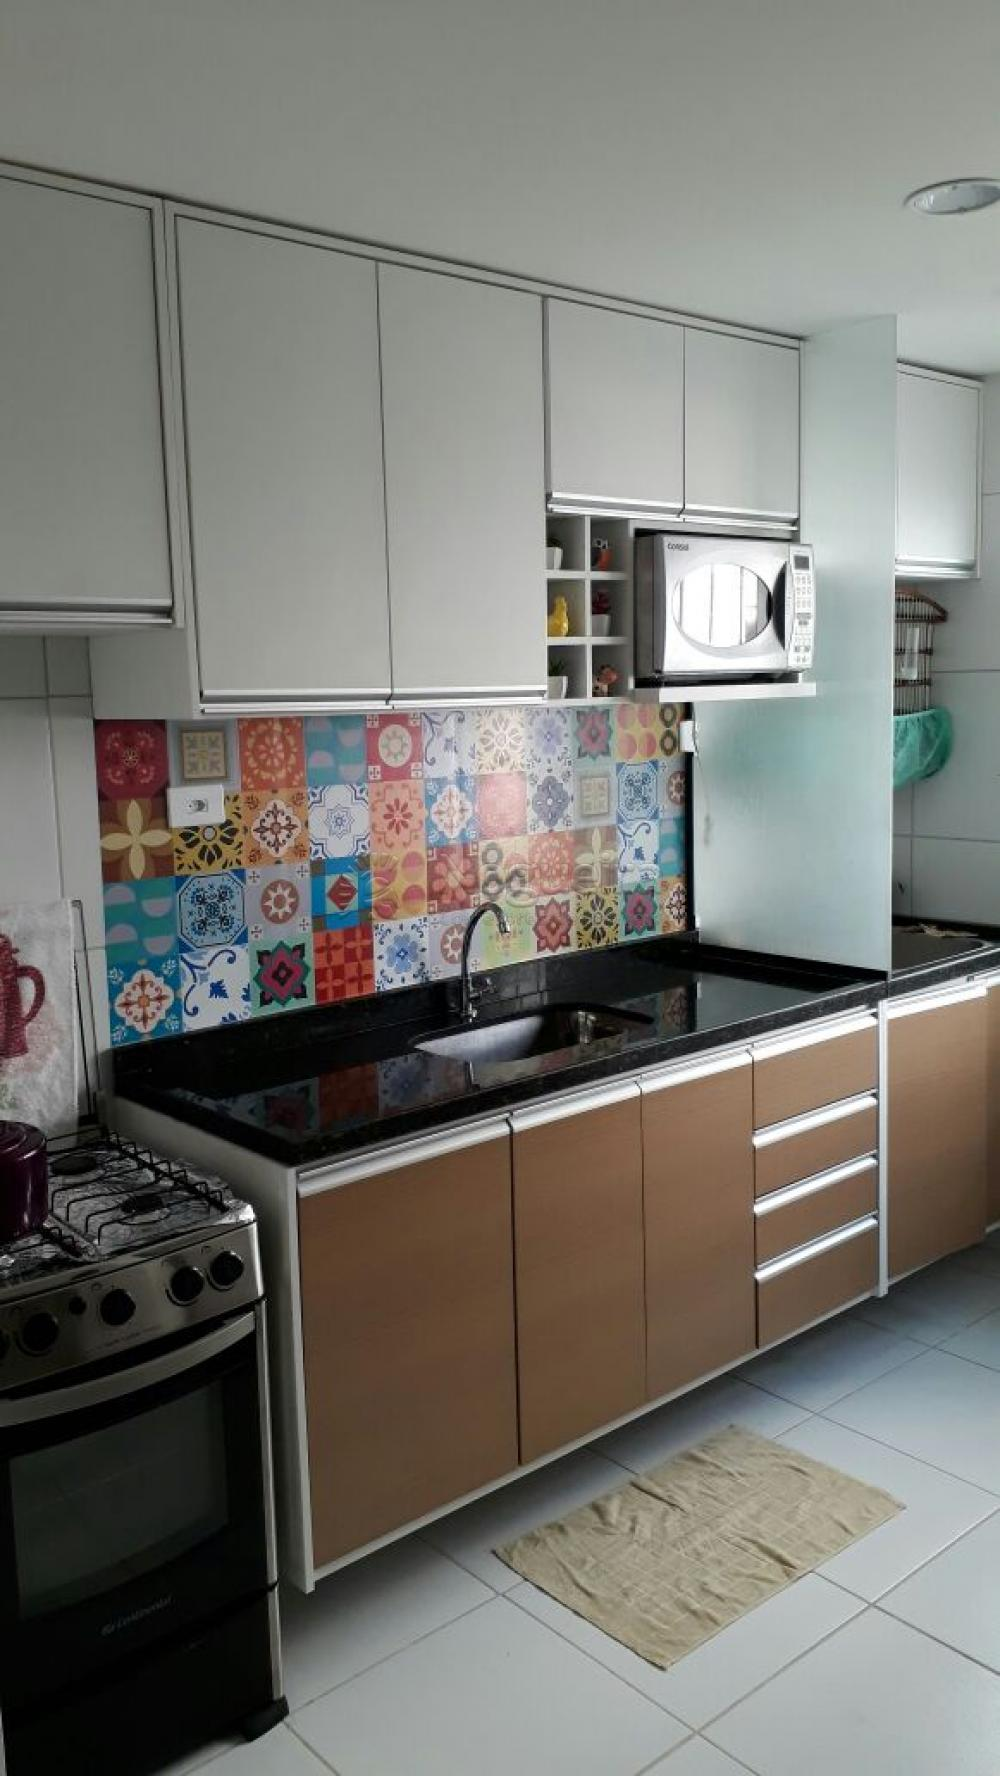 Excelente apartamento todo reformado no térreo com sala para 2 ambientes, 2 quartos sendo 1 suíte com armários, cozinha projetada e área de serviço.